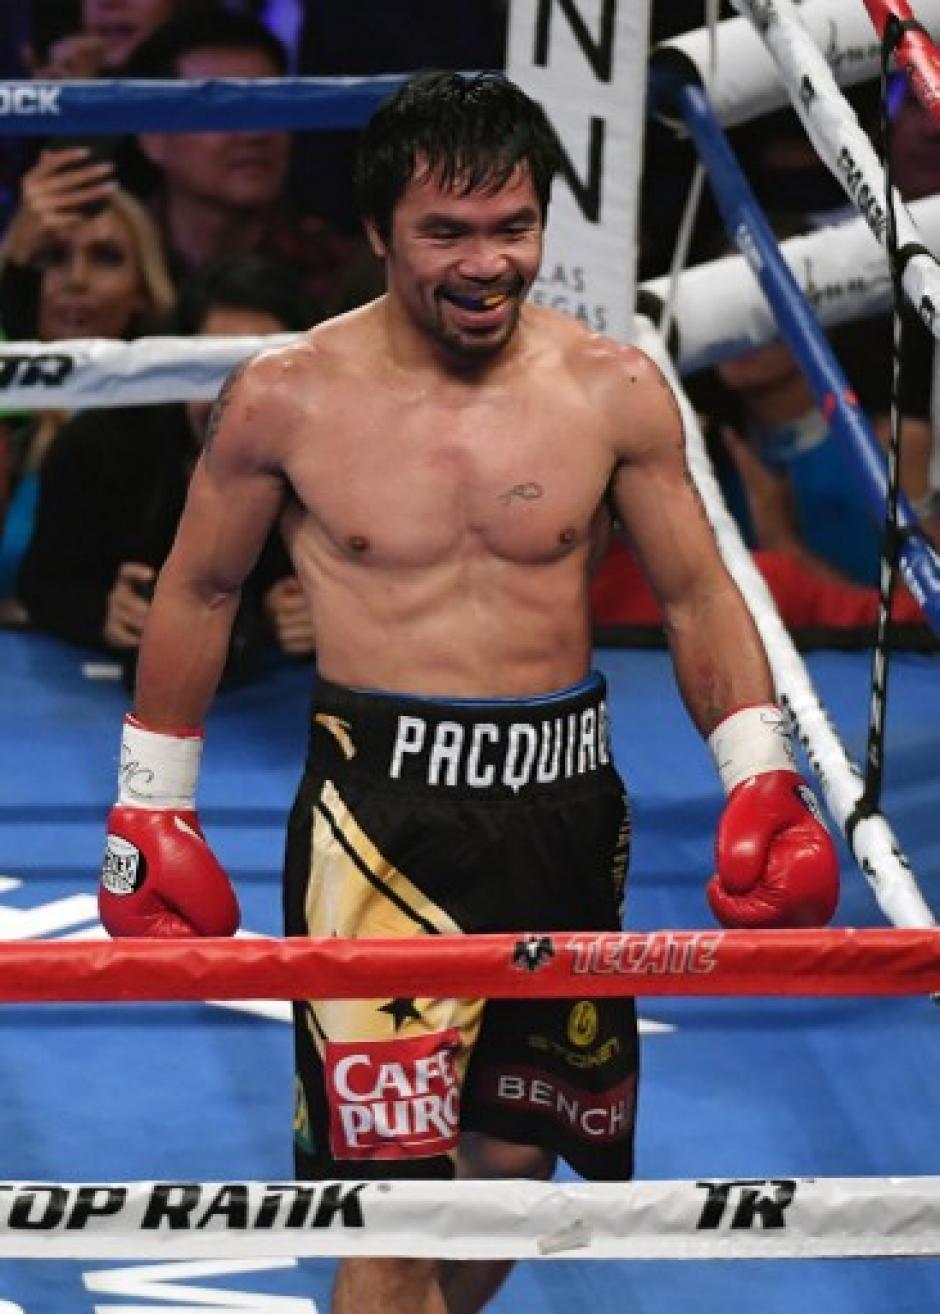 Pacman también es cantante y diputado de Filipinas.  (Foto: AFP)